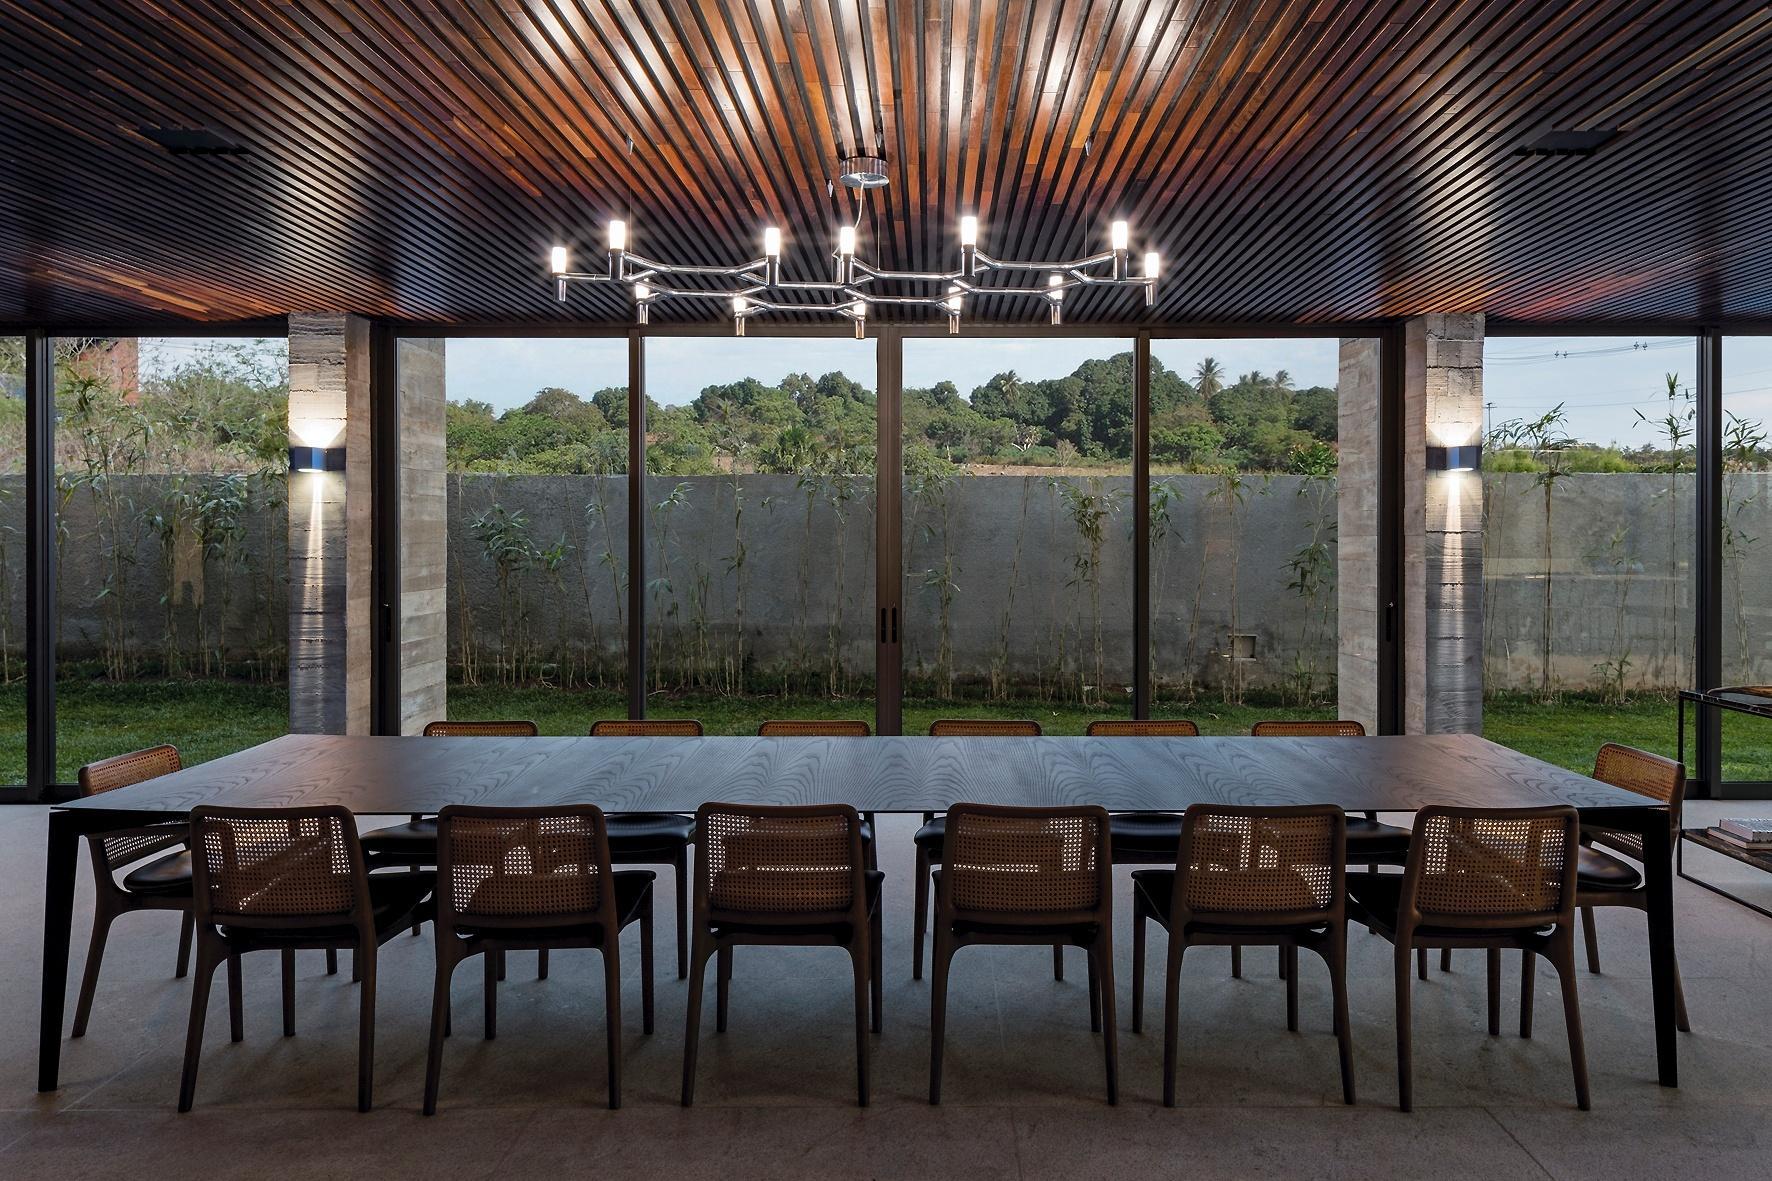 A grande mesa de jantar tem capacidade para reunir 14 pessoas e está voltada para os jardins laterais. O projeto da Casa Braga leva a assinatura do arquiteto Gustavo Penna